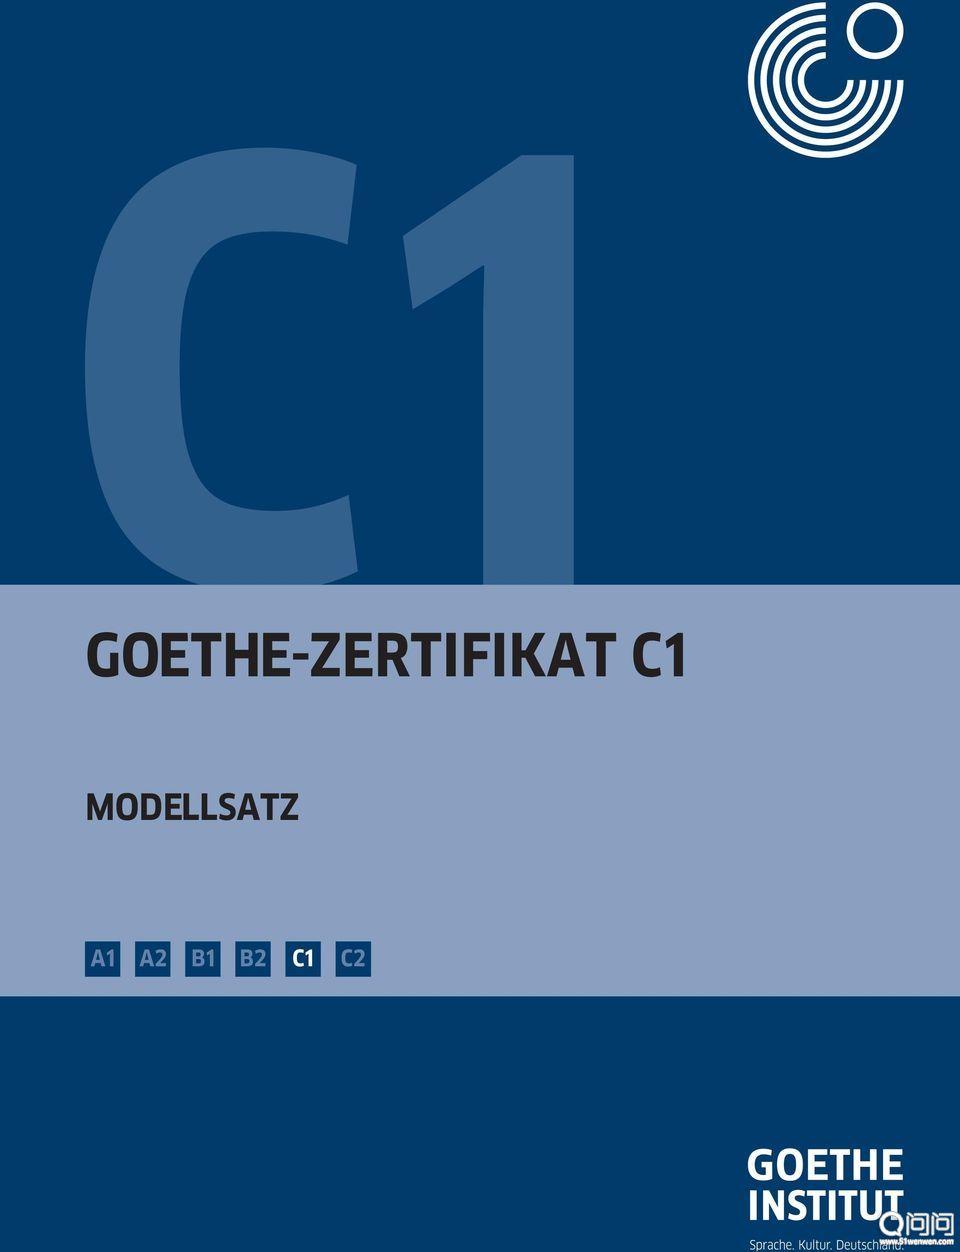 歌德学院Goethe Zertifikat C1